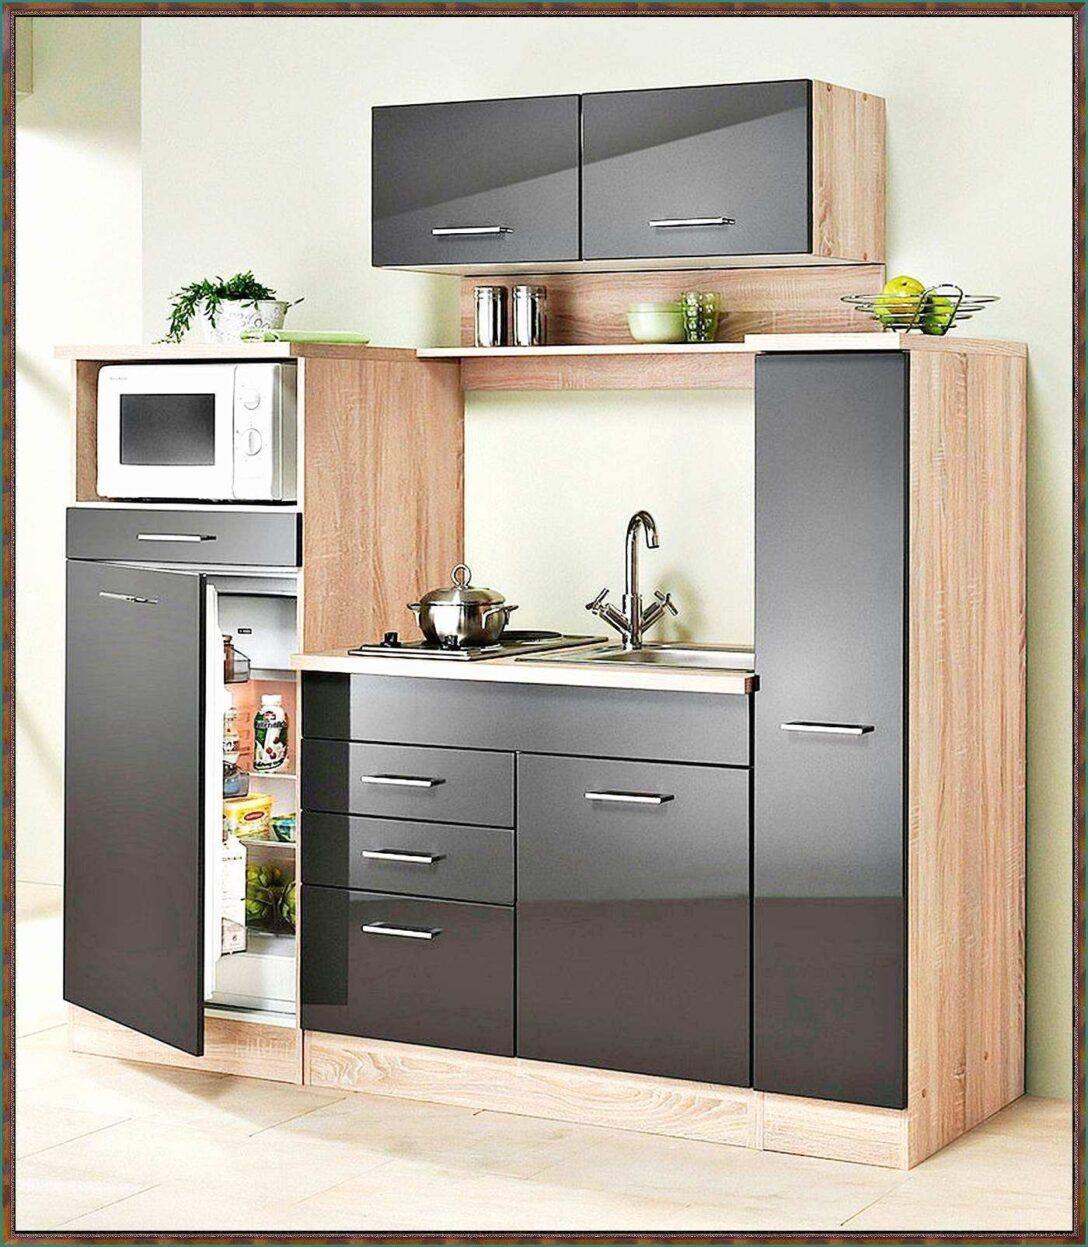 Large Size of Ikea Miniküchen Luxus Singlekche Und Minikche Küche Kaufen Miniküche Betten 160x200 Kosten Modulküche Bei Sofa Mit Schlaffunktion Wohnzimmer Ikea Miniküchen